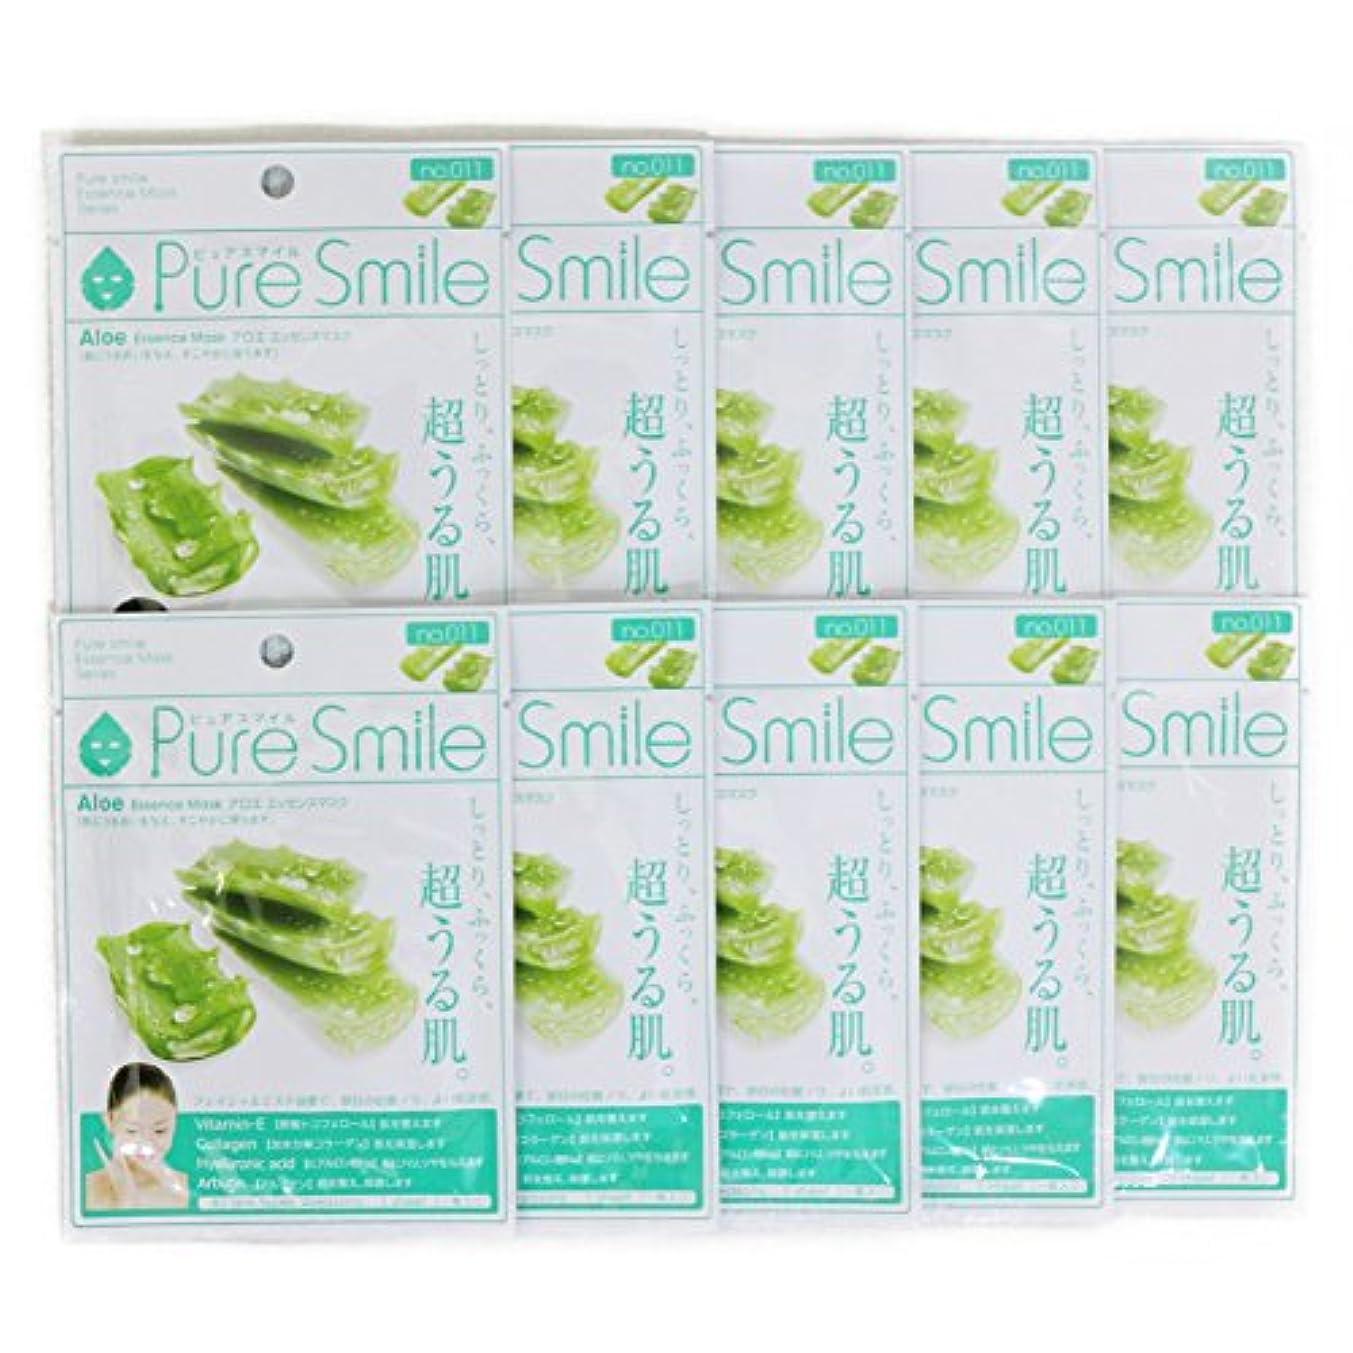 緊急平均論争的Pure Smile ピュアスマイル エッセンスマスク アロエ 10枚セット